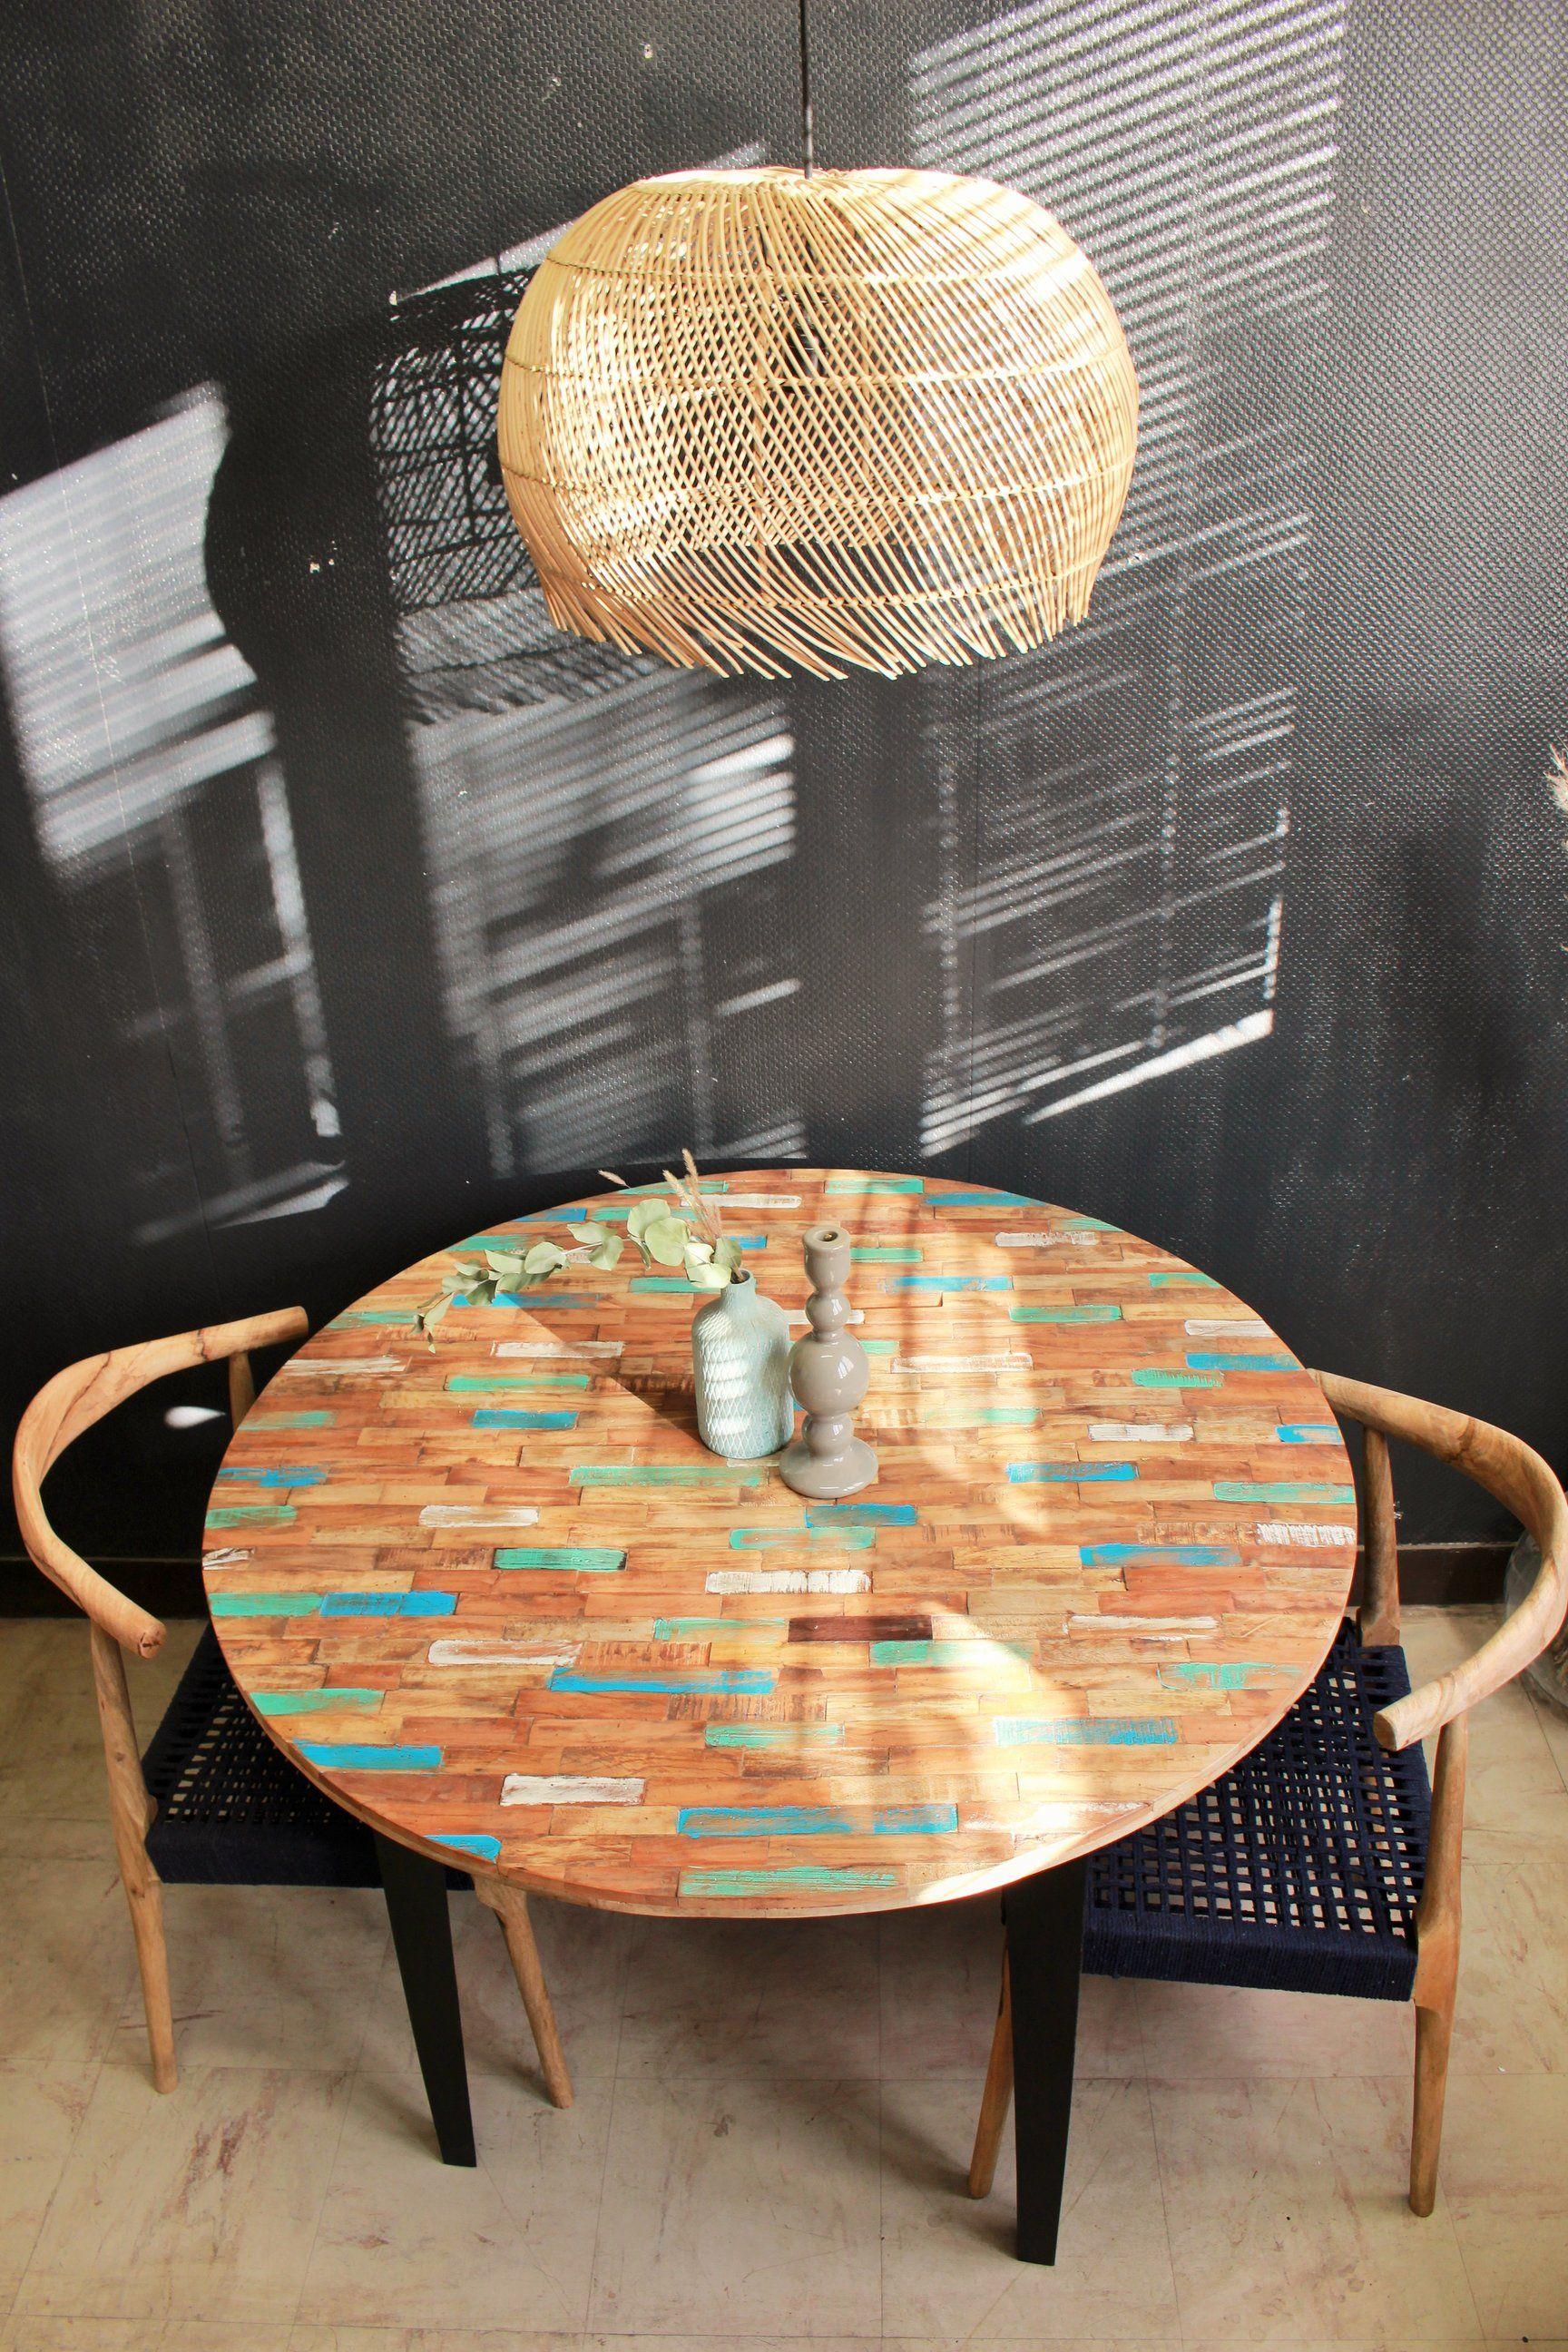 Table à Manger Ronde Bois Coloré Une Table Au Format Rond